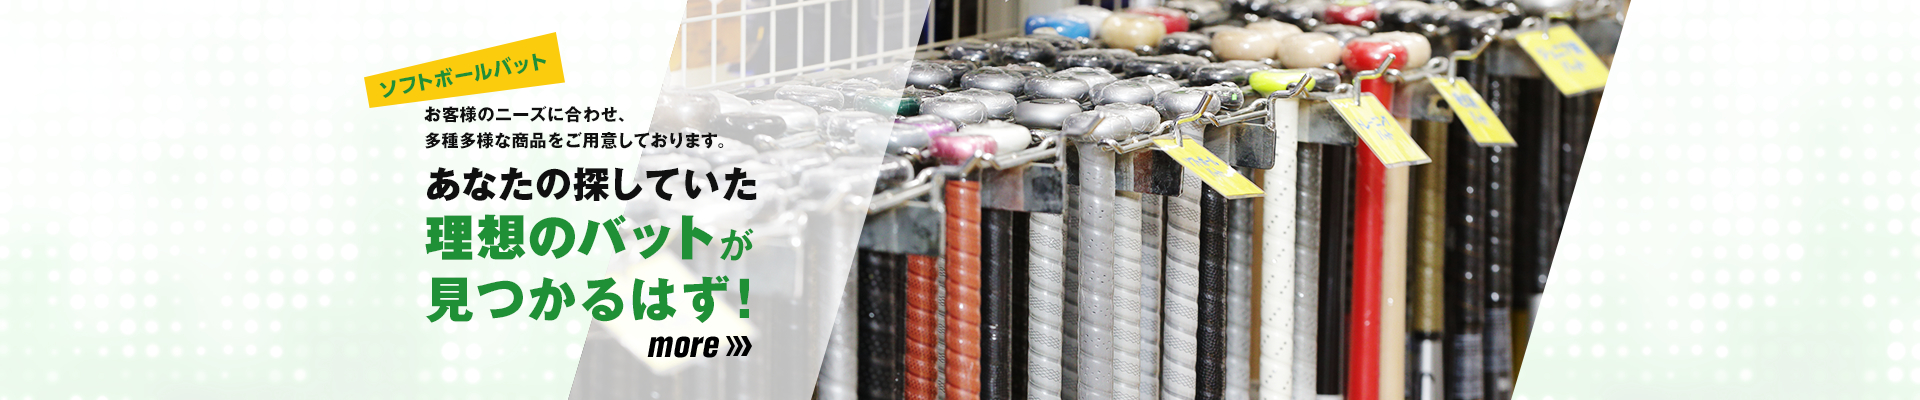 各種バット、店舗にて大量に展示しております! 各種加工も承ります。